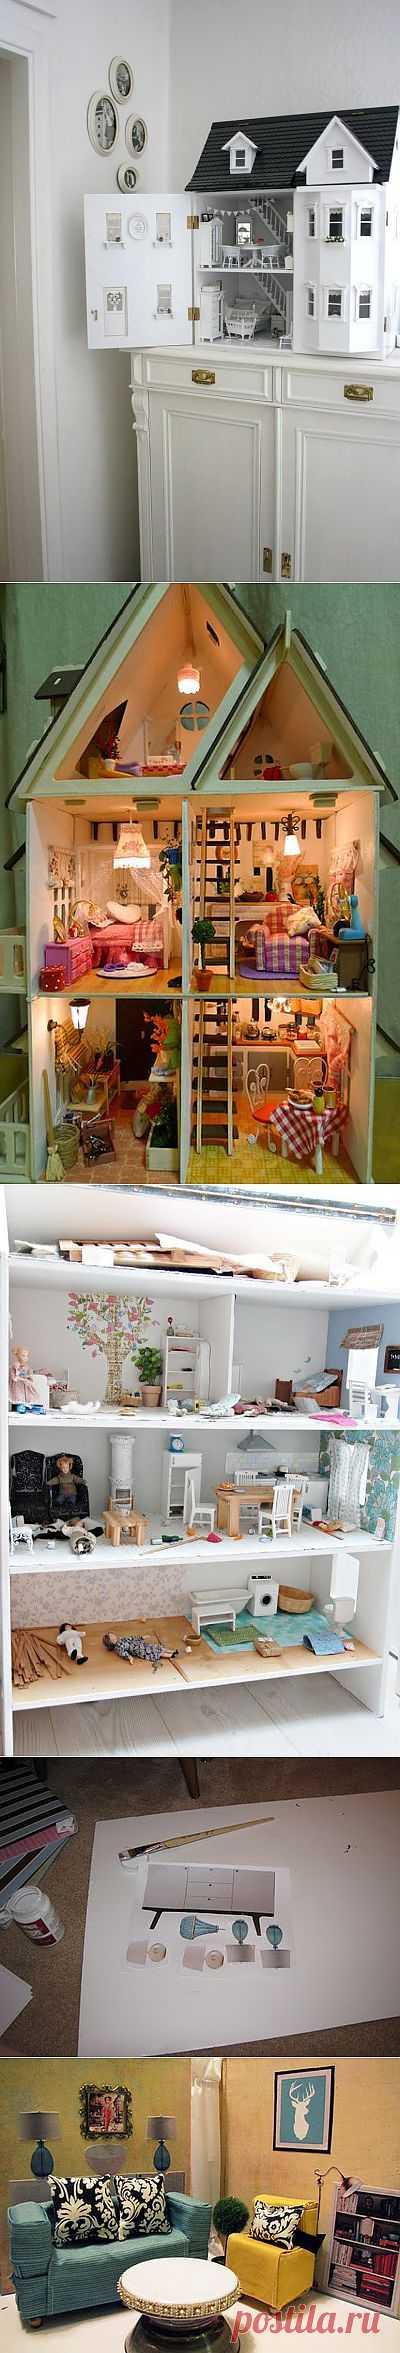 1 часть. Самодельные кукольные домики и способы их оформления..